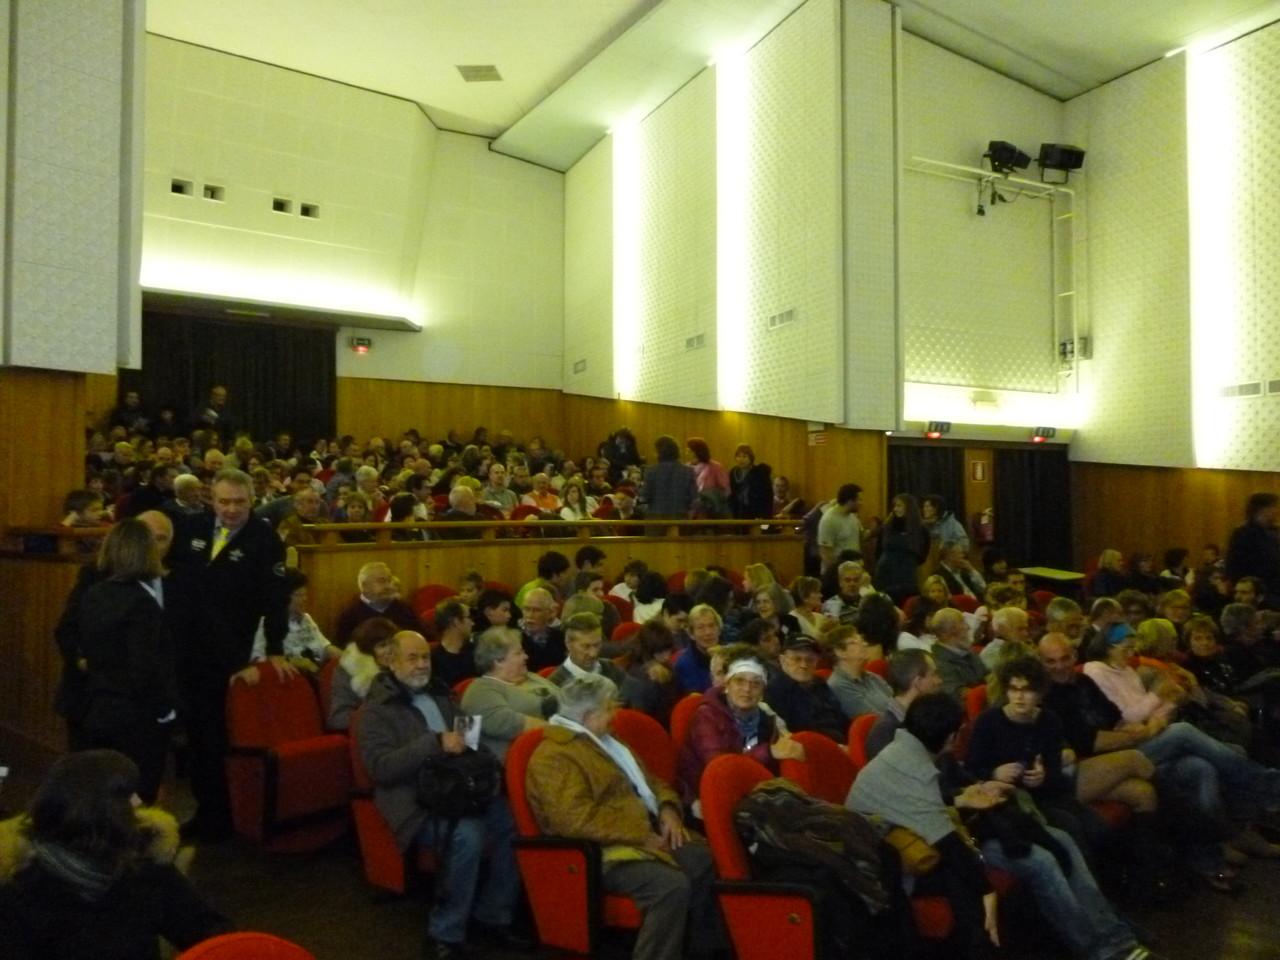 L'Assessore alla Cultura della Provincia Autonoma di Trento Franco Panizza con il regista Mauro Vittorio Quattrina e la curatrice del Museo del'Aeronautica Gianni Caproni, Neva Capra